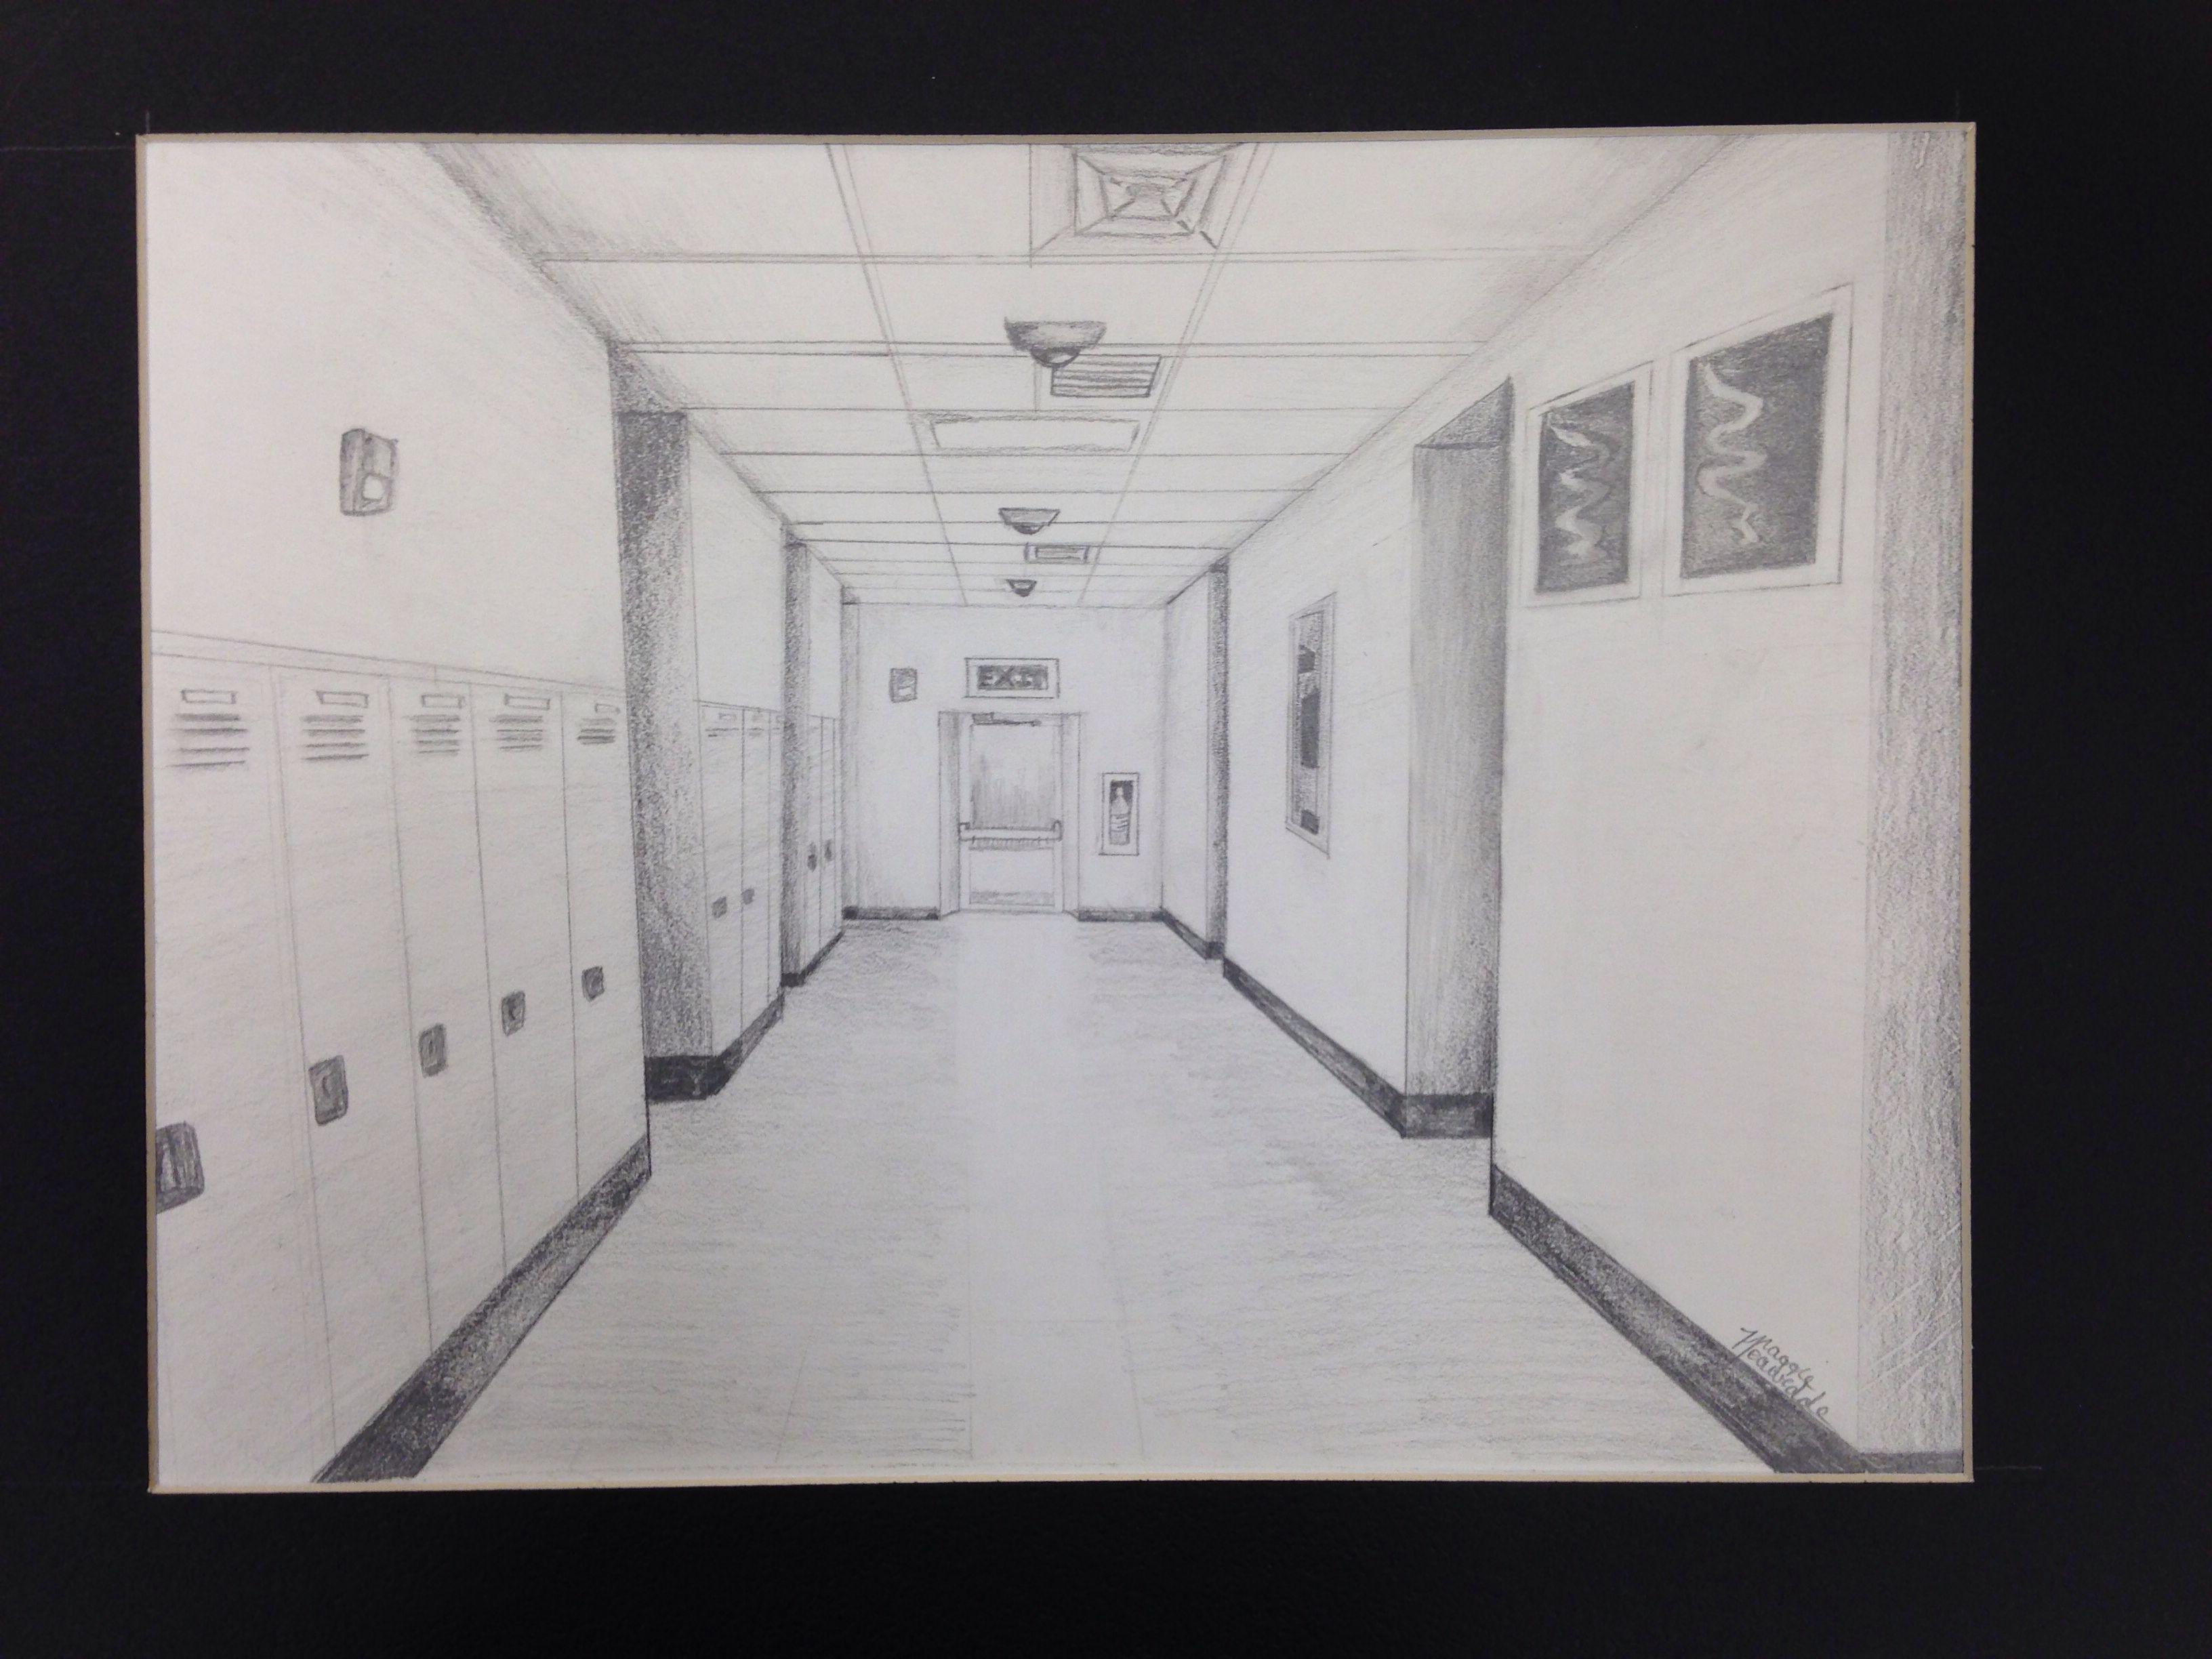 school hallway drawing - HD3264×2448